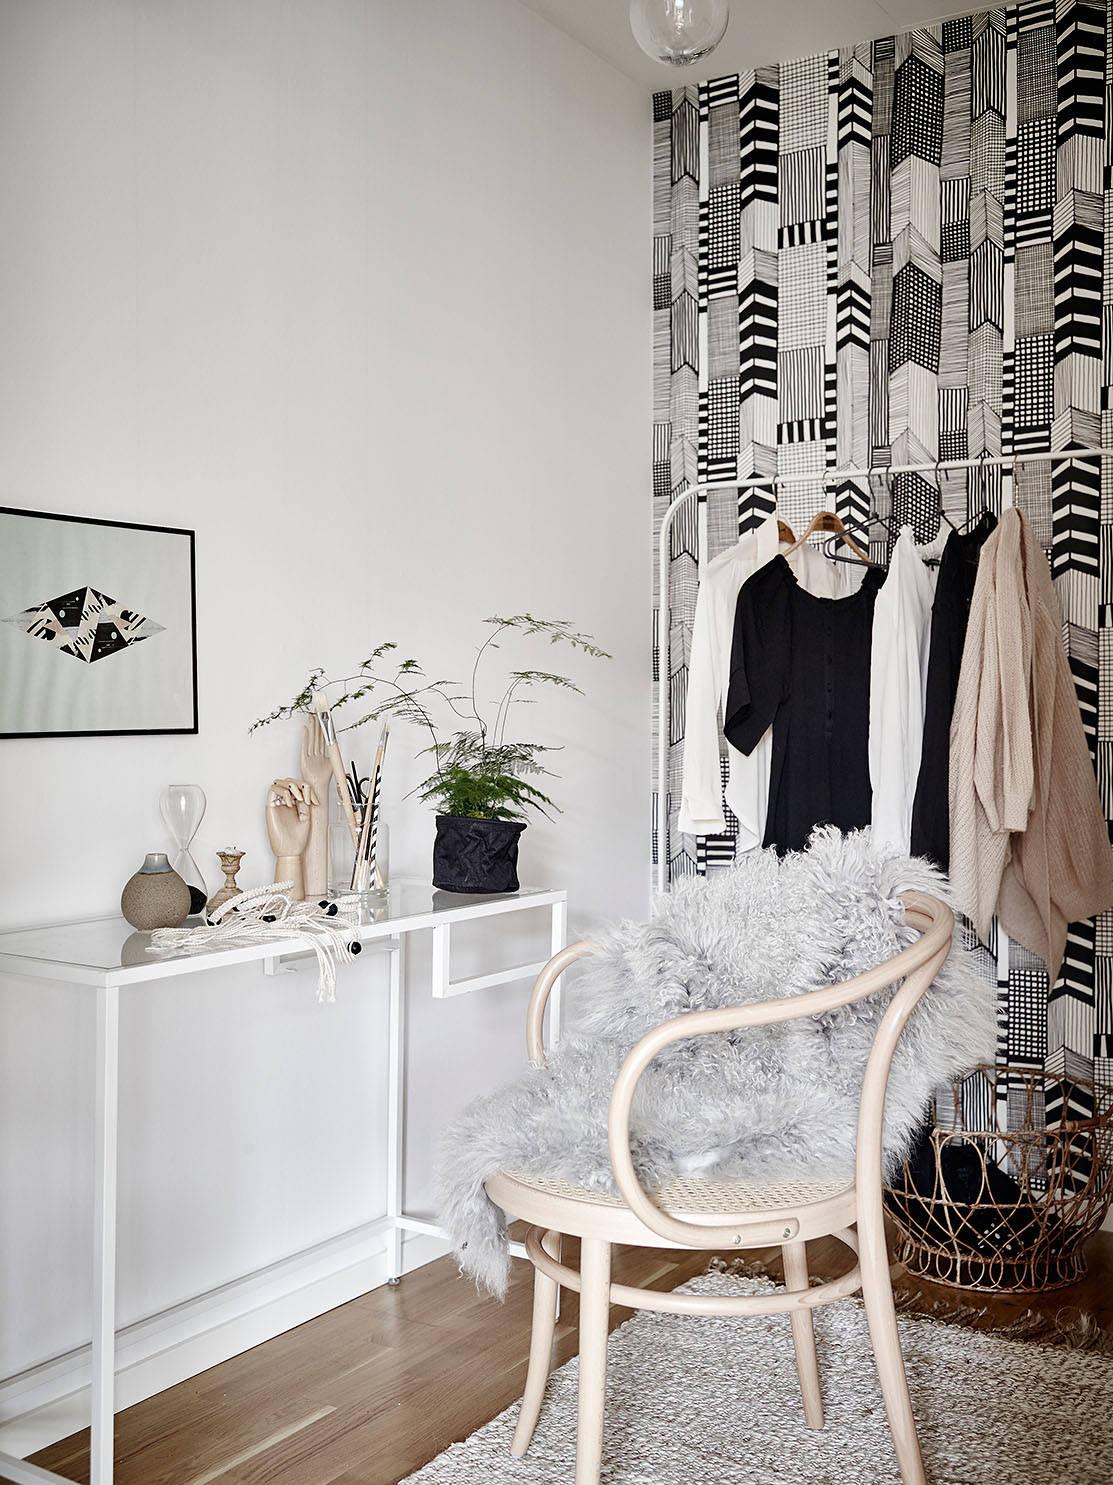 Pared del dormitorio efecto acuarela blog tienda decoraci n estilo n rdico delikatissen - Cabecero estilo escandinavo ...